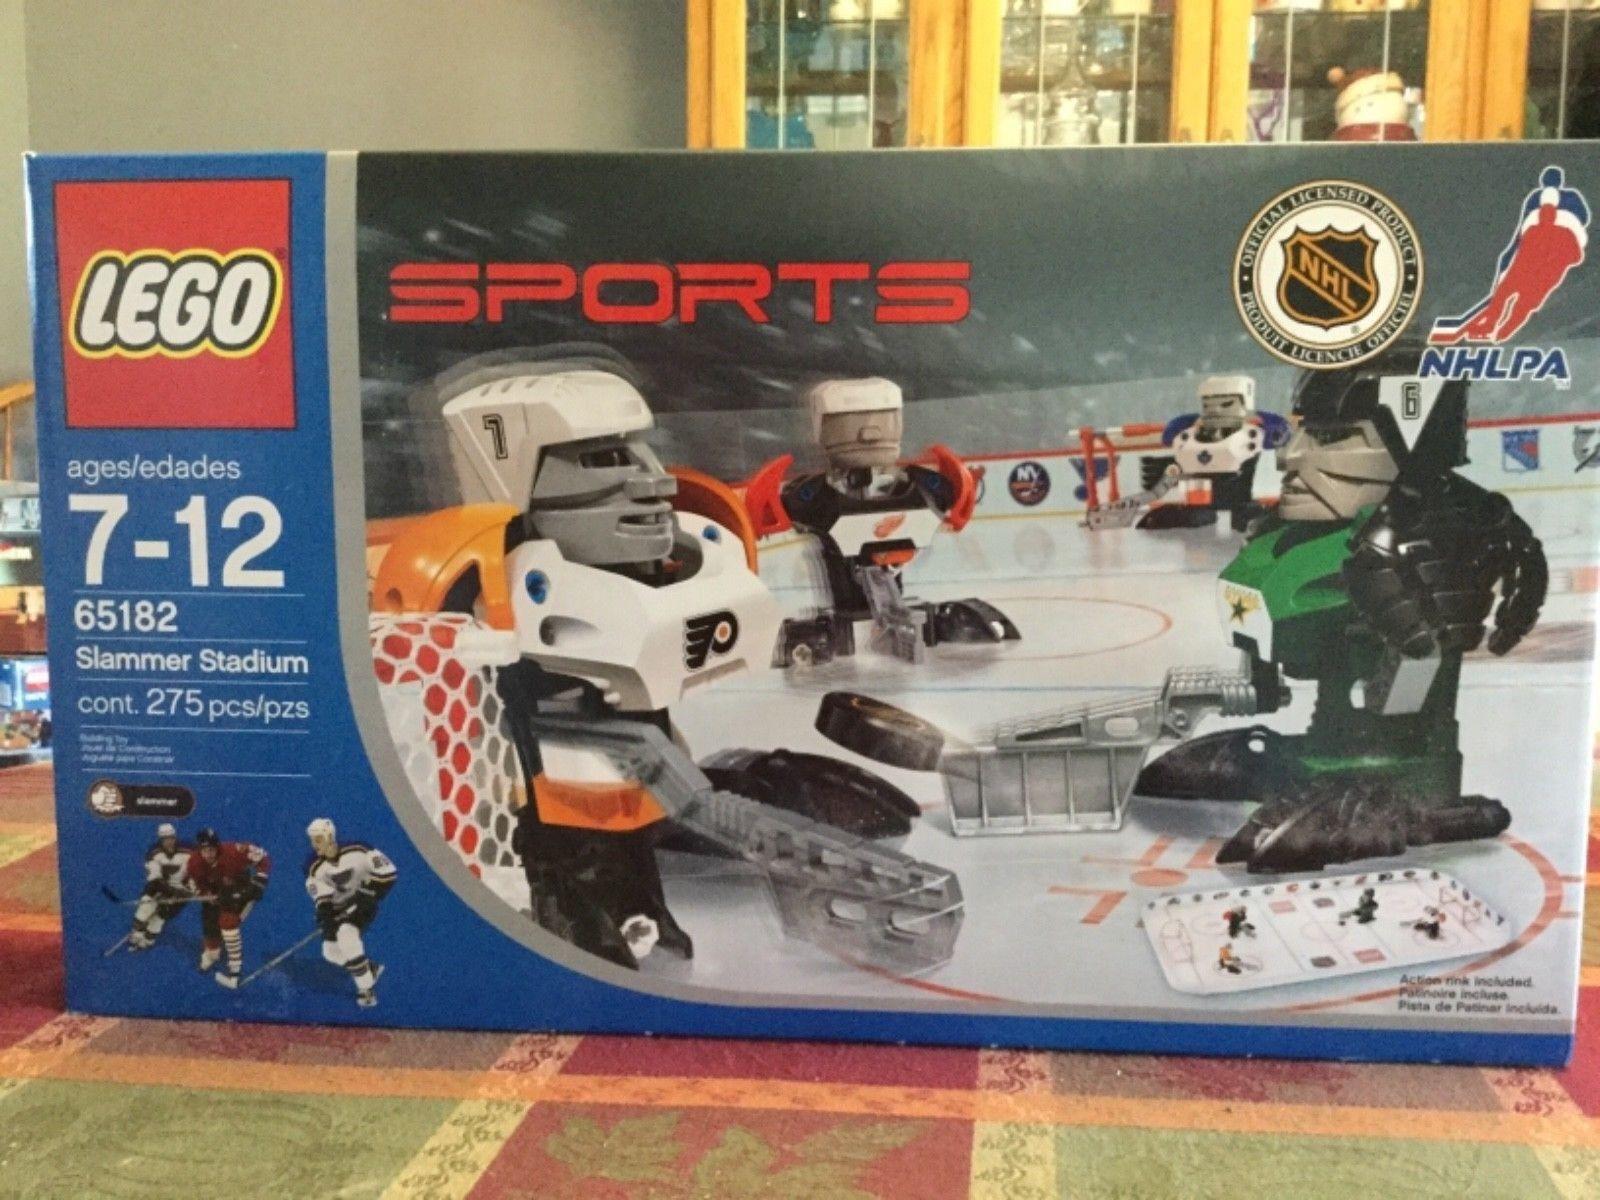 totalmente Nuevo Sellado de fábrica de Lego Estadio de Deportes 65182 NHLPA Hockey Slammer